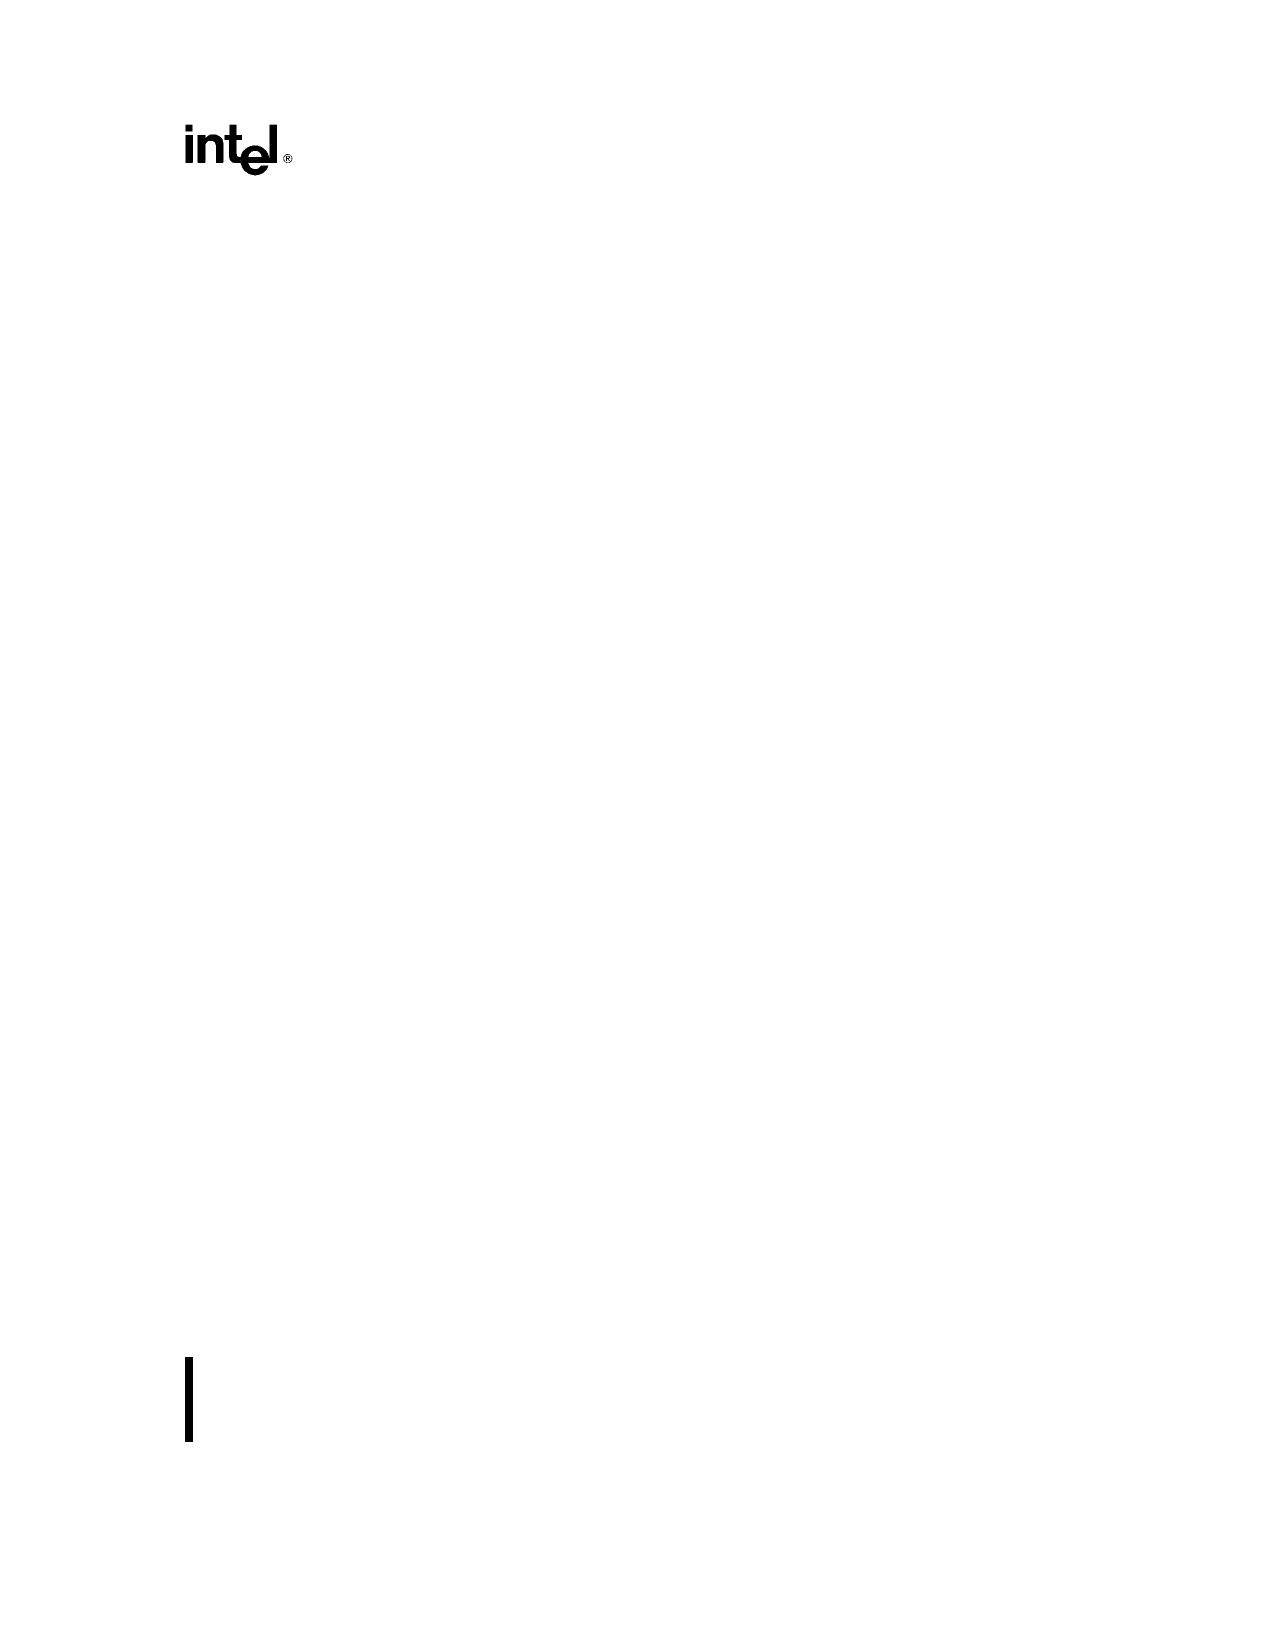 A28F010 diode, scr